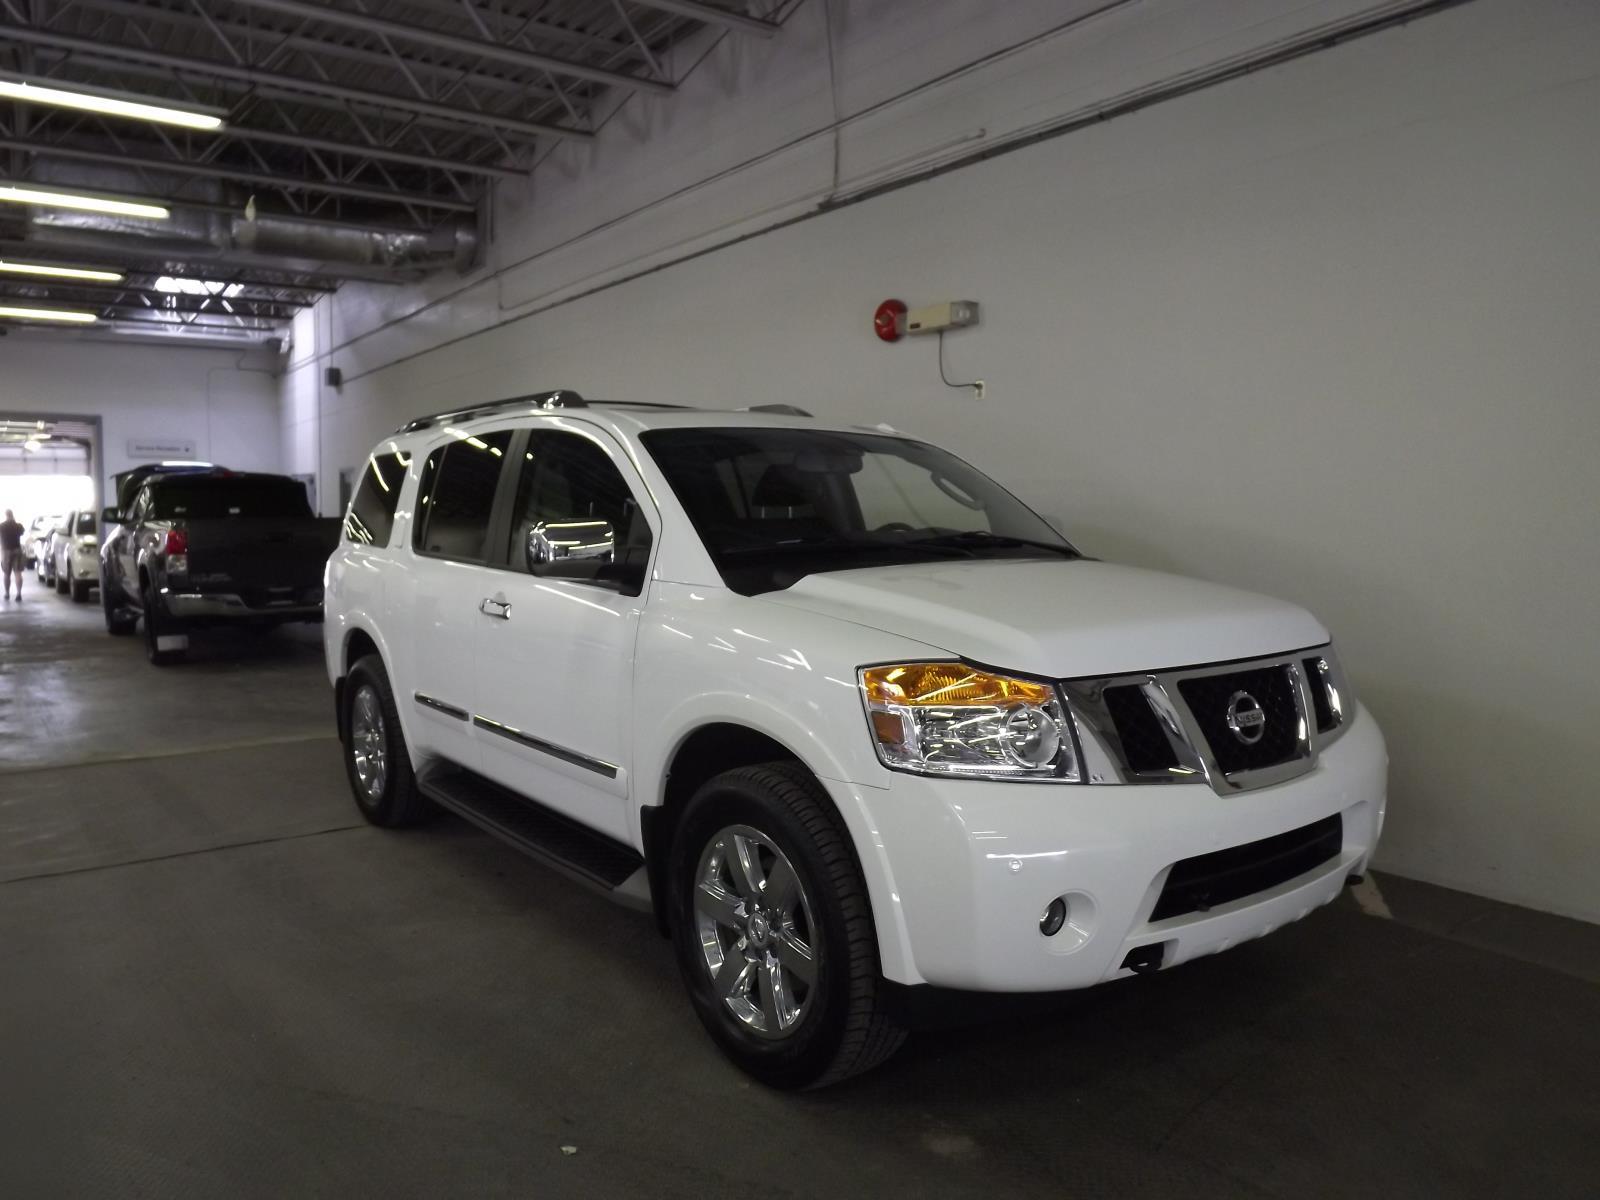 Used 2012 Nissan Armada in Edmonton,AB